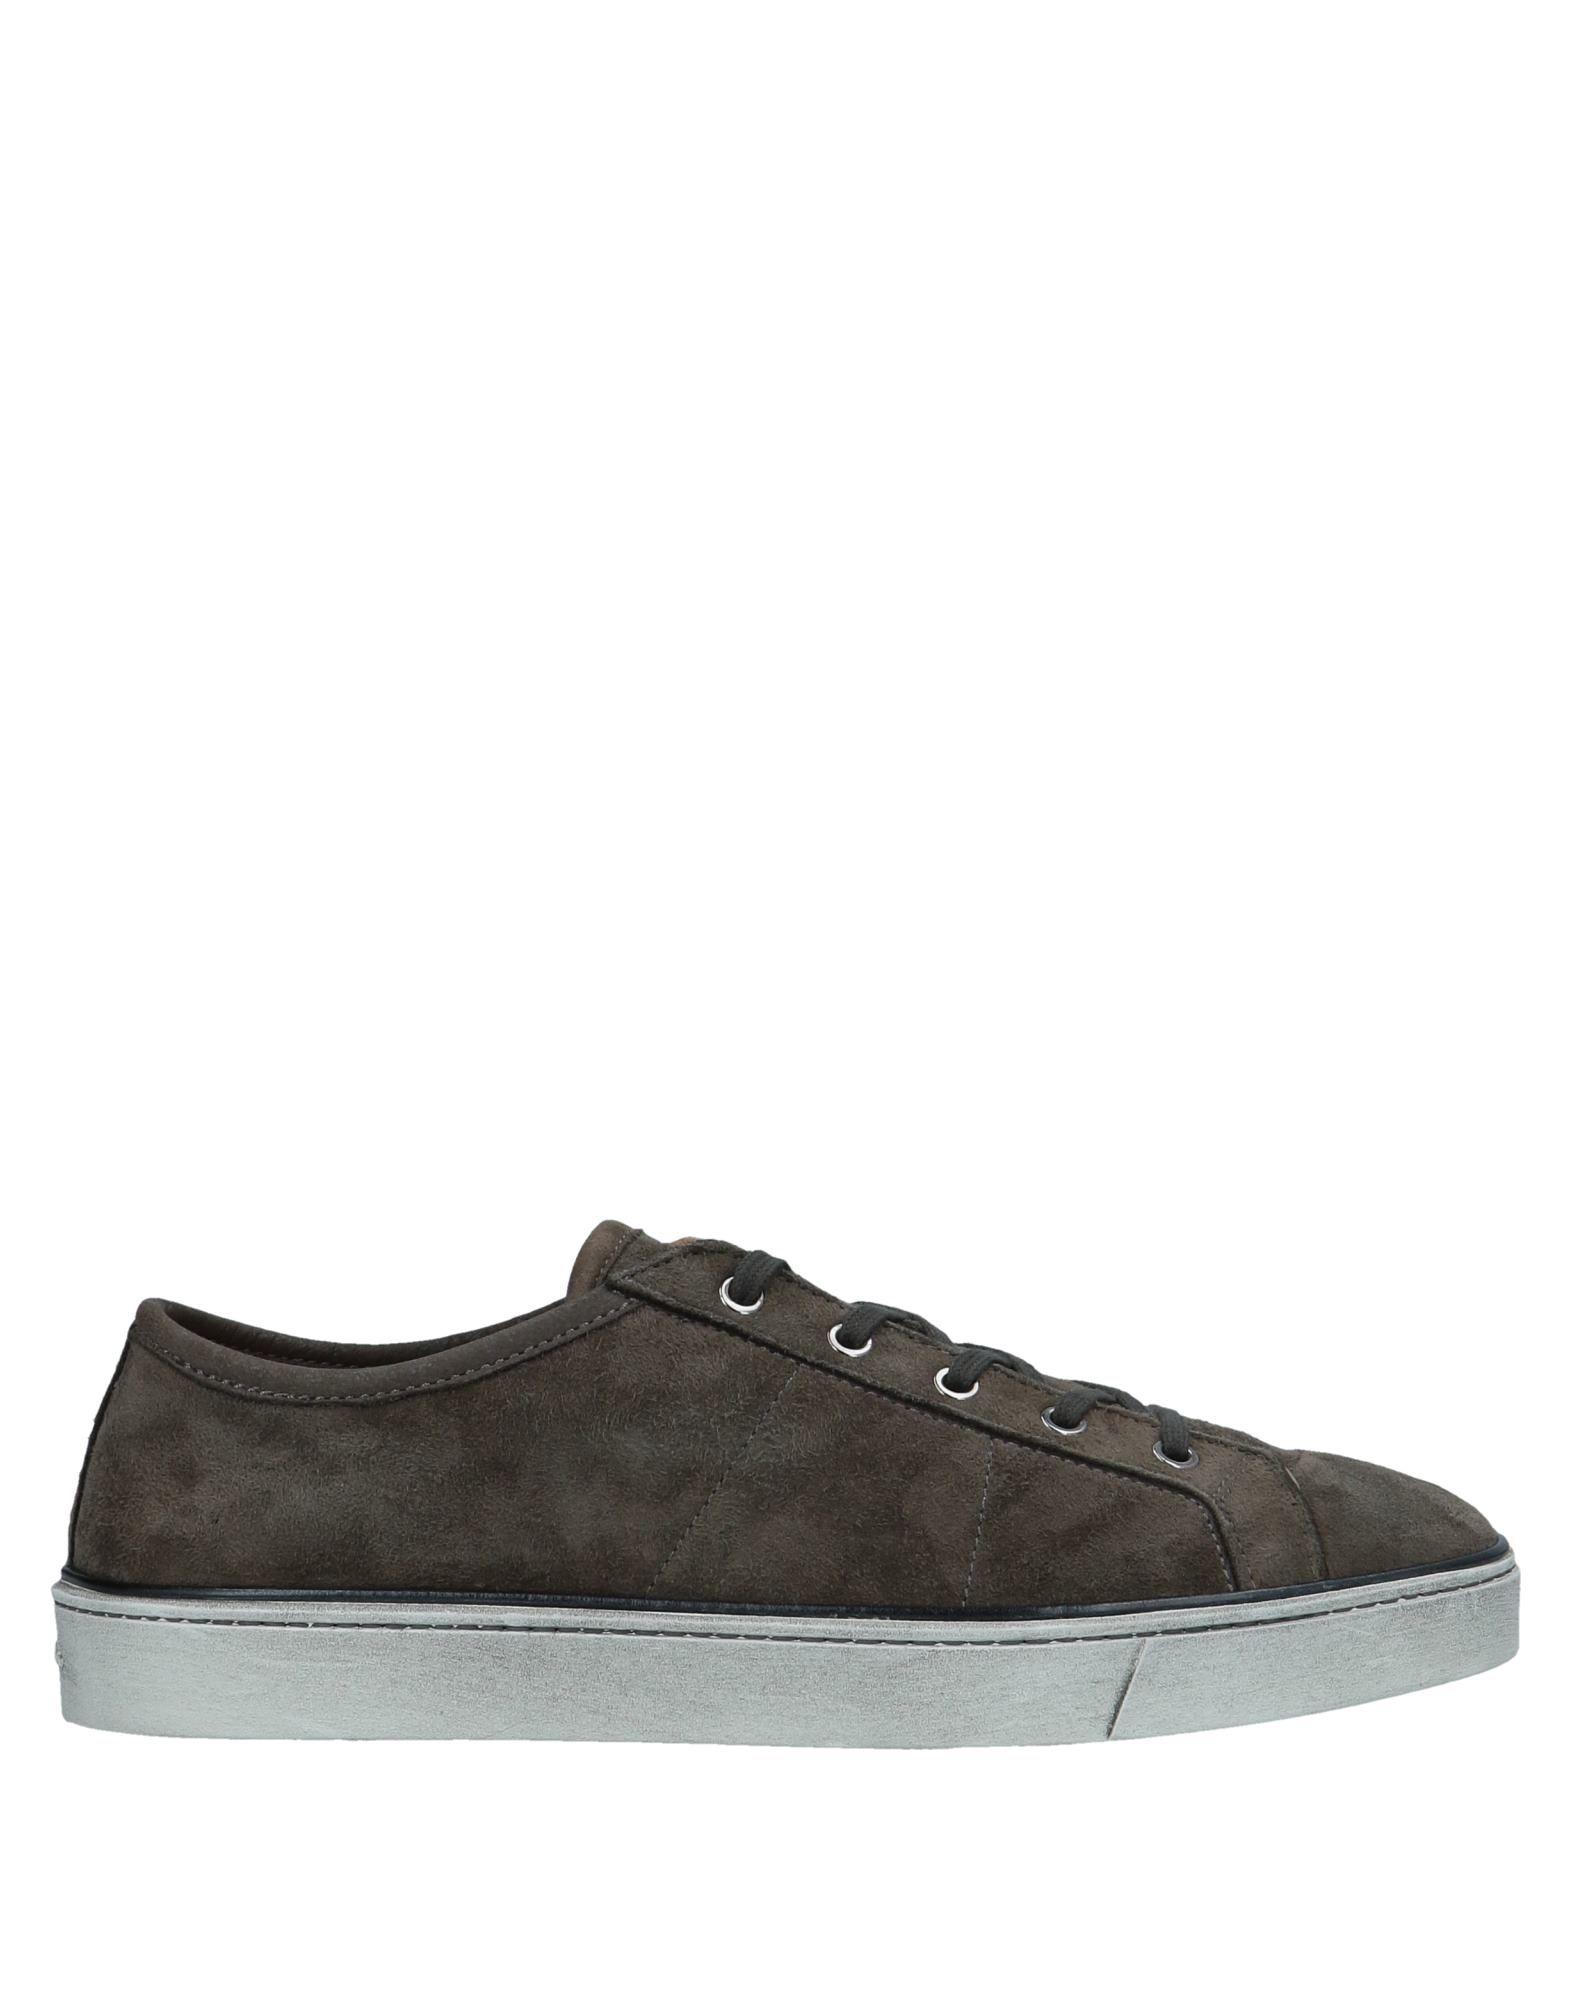 Sneakers Santoni Uomo - 11307093JX elegante